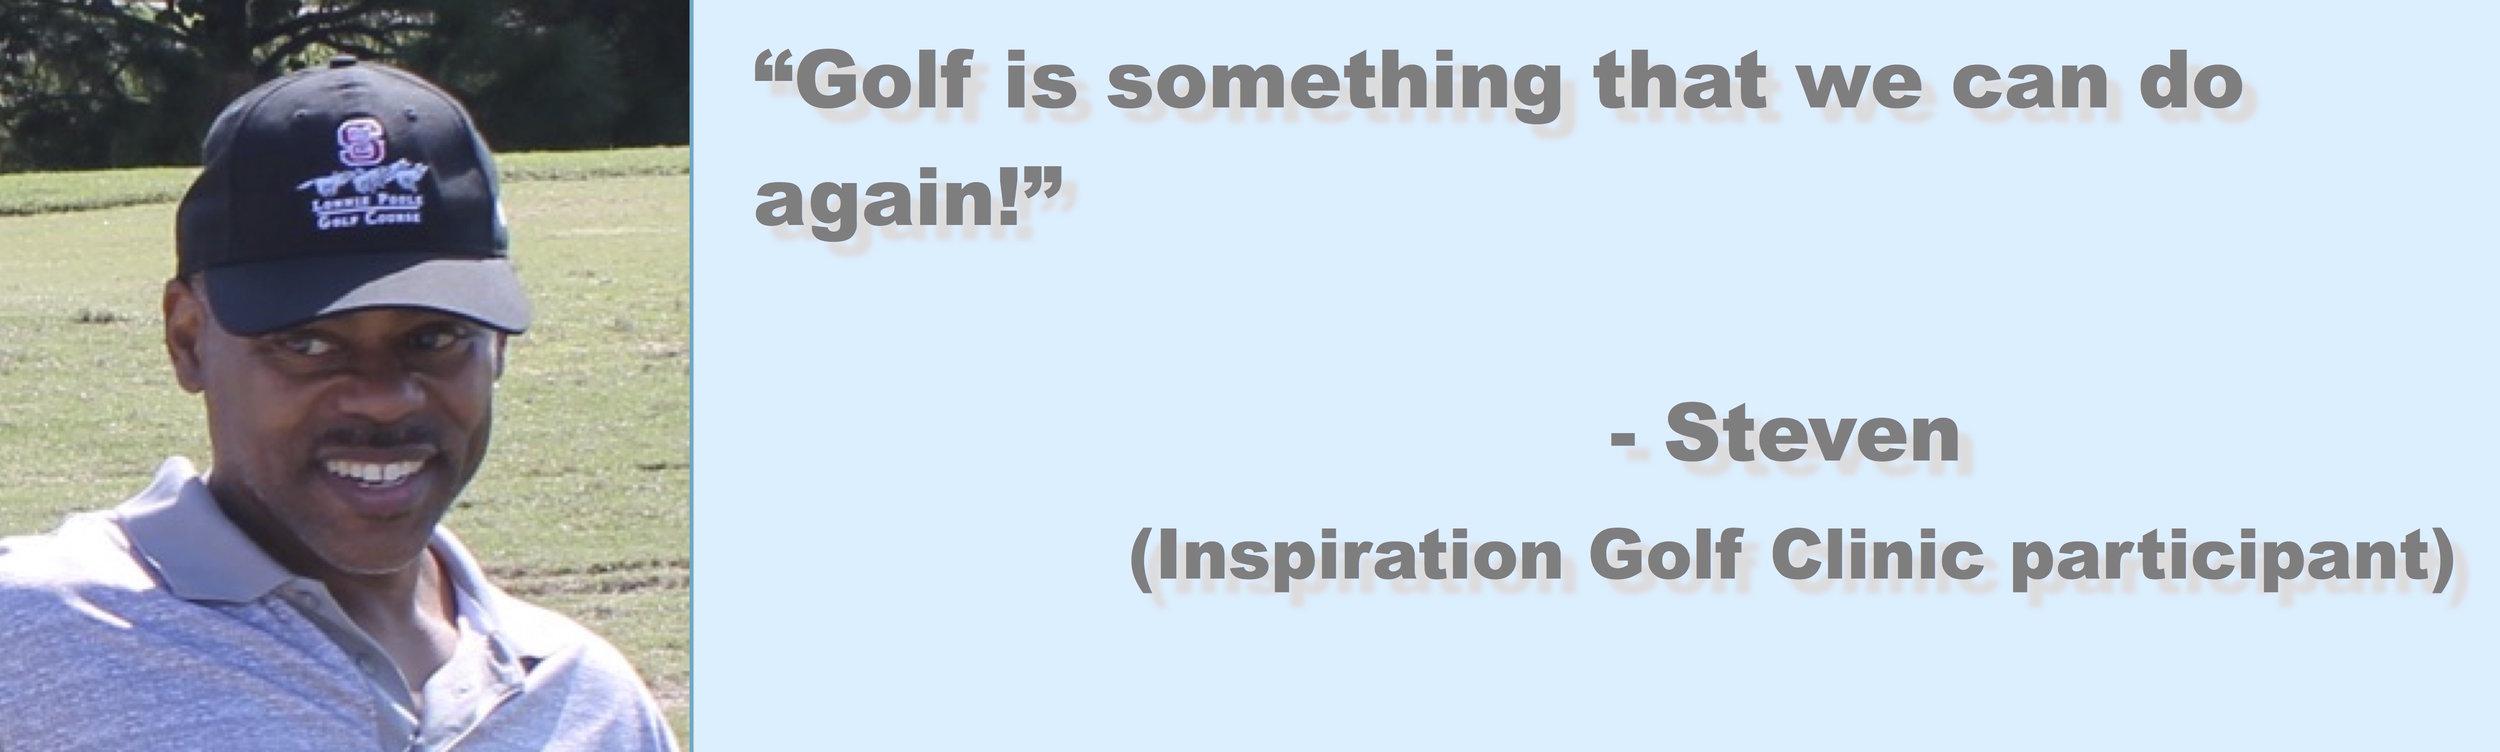 Quote 4.jpg